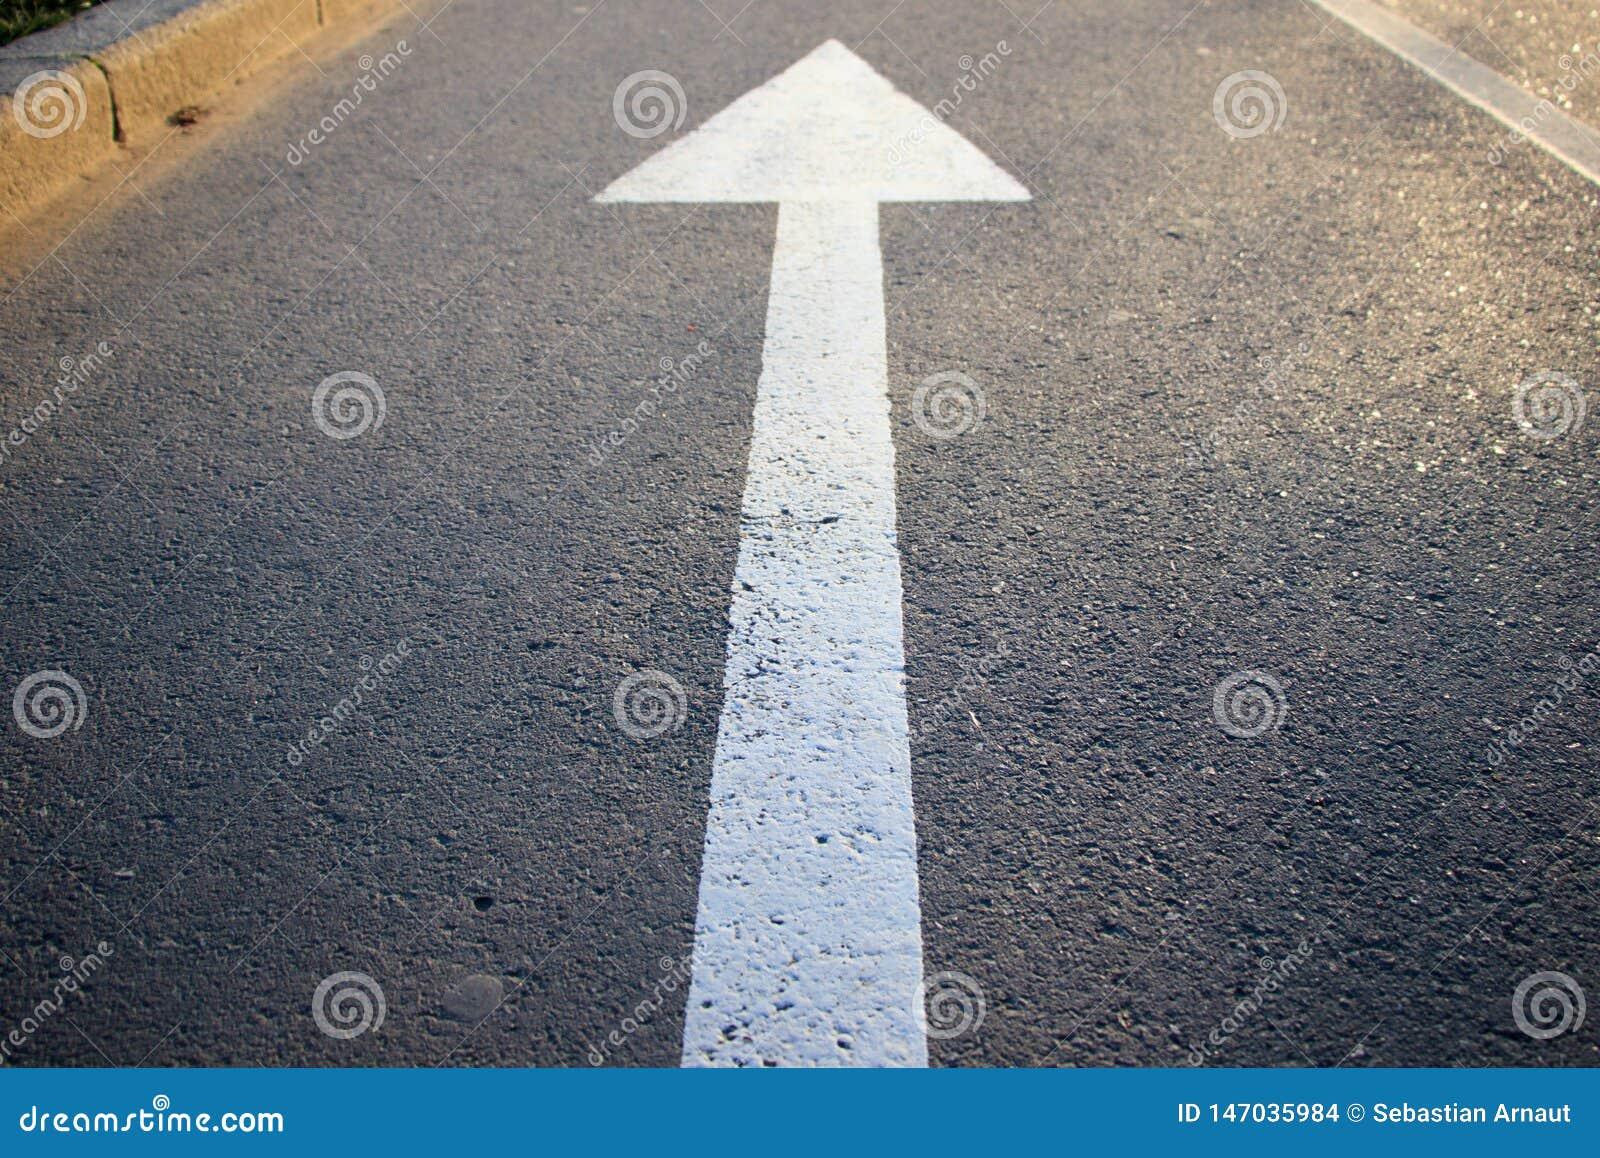 La flecha blanca que indica la dirección